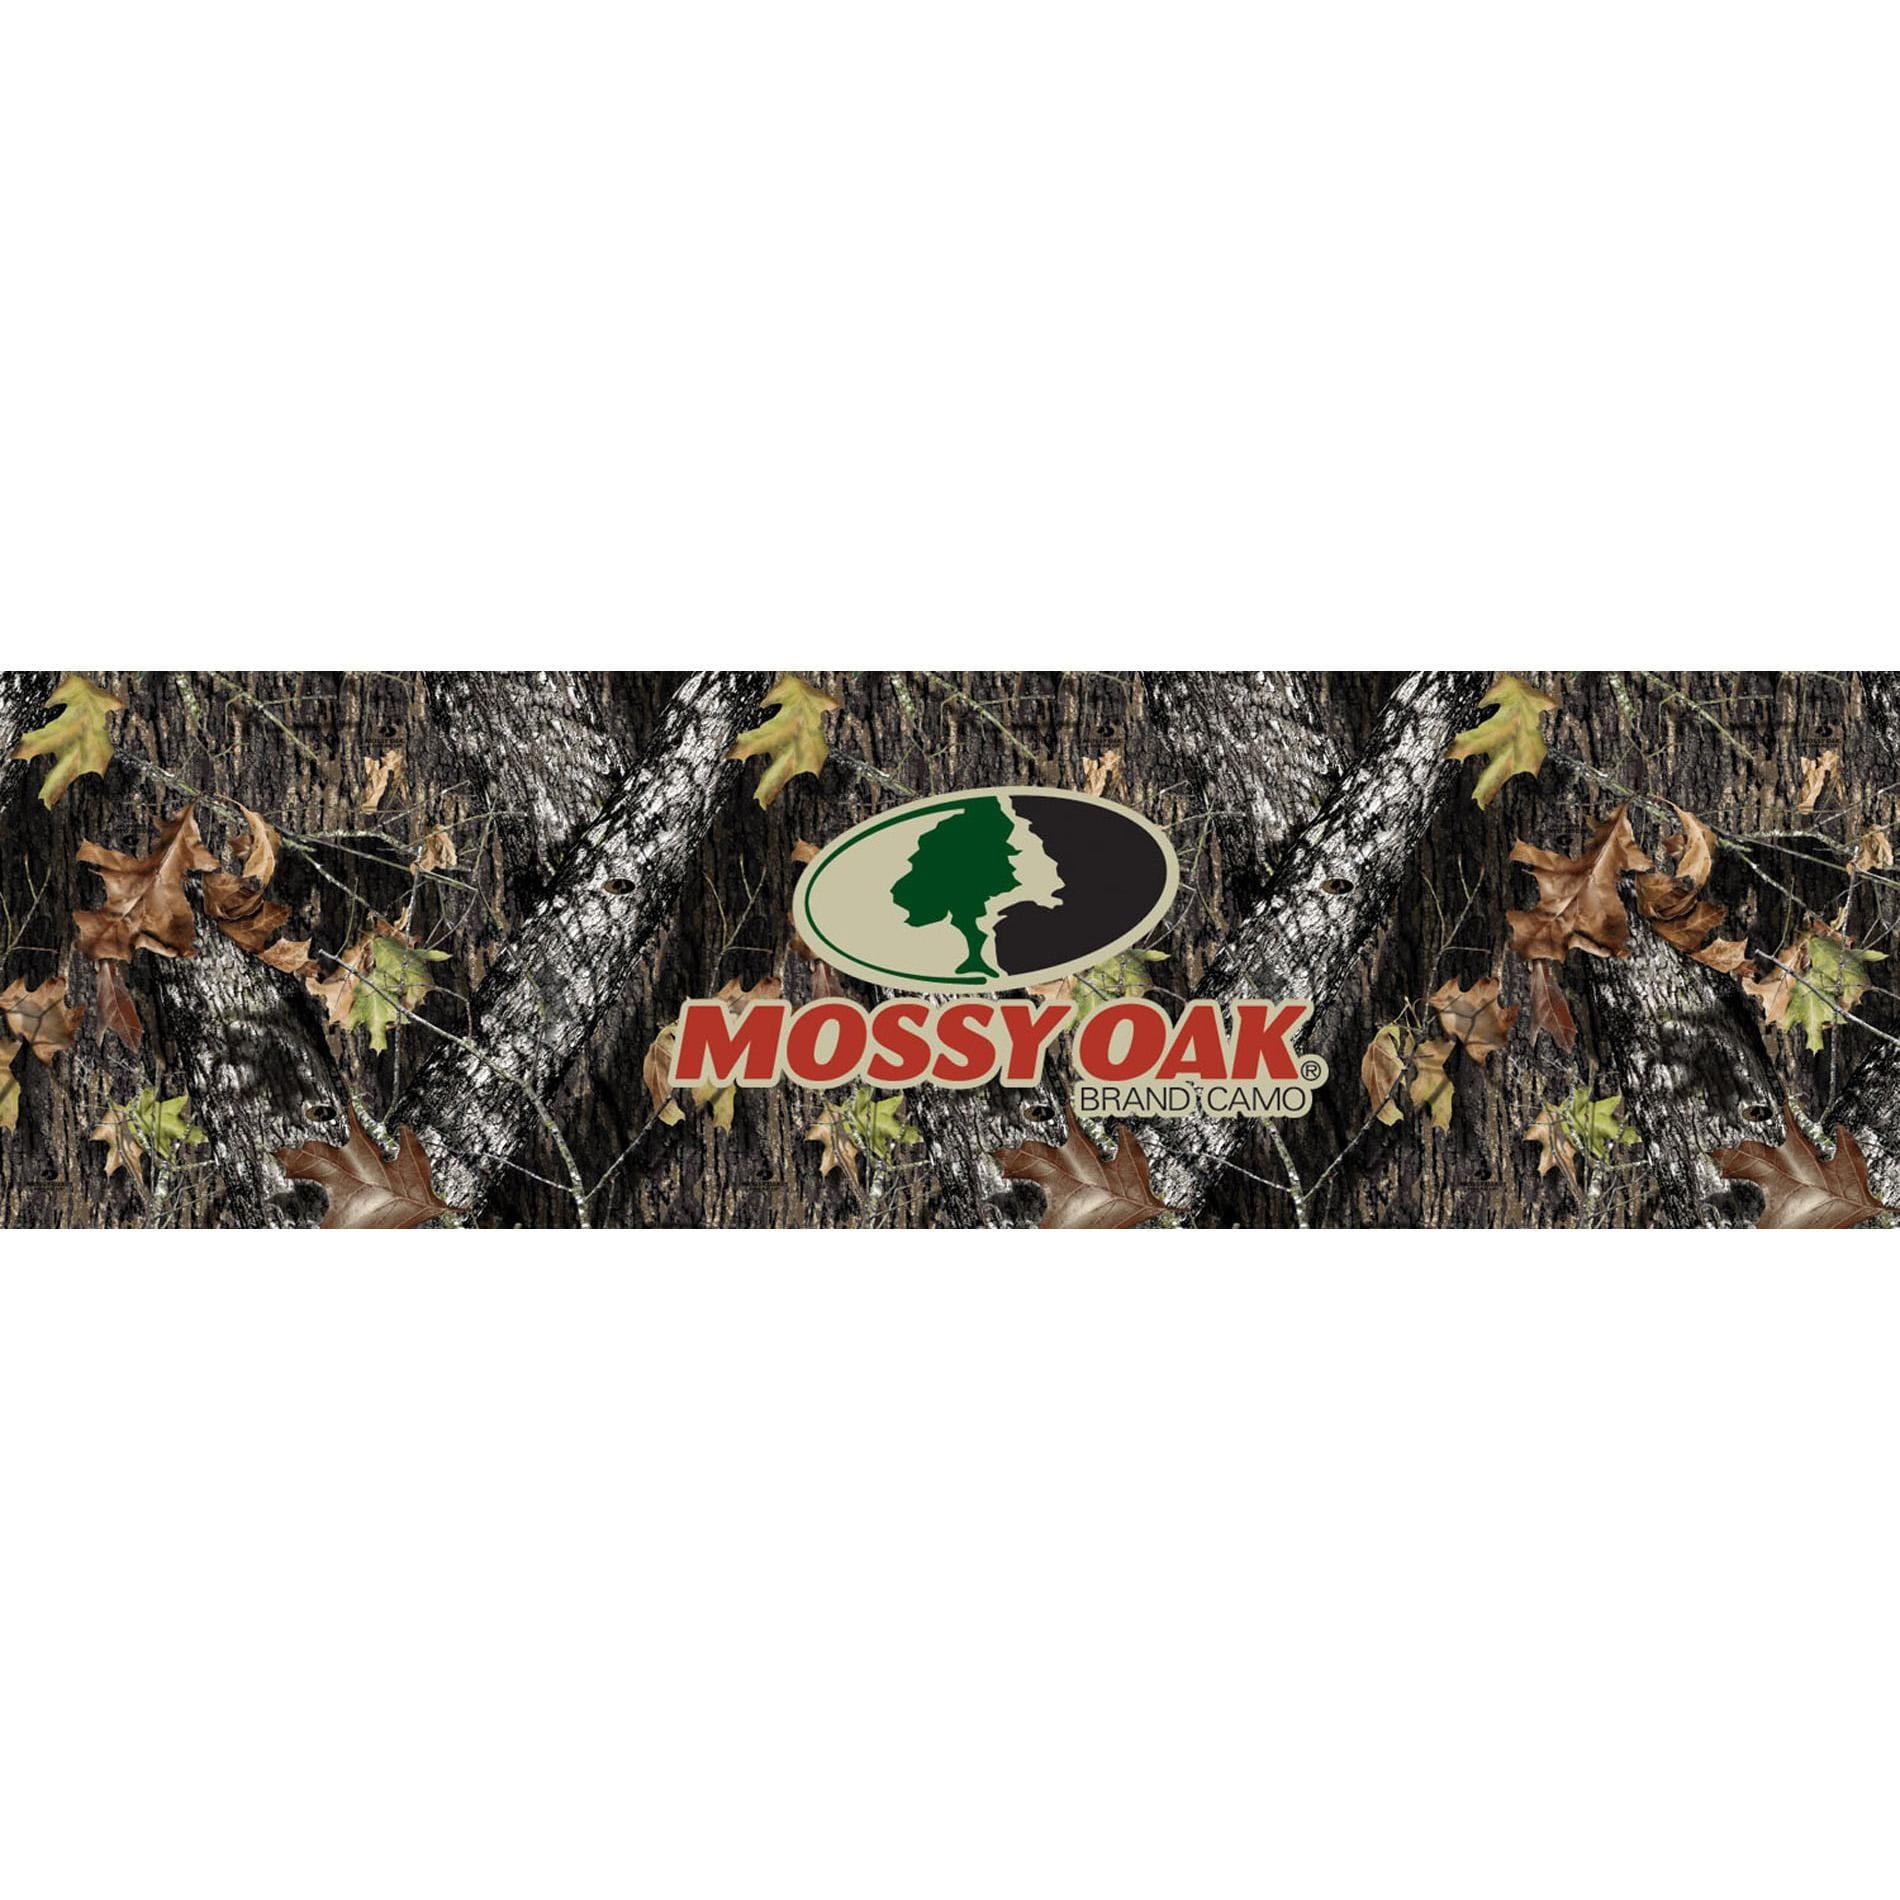 Mossy Oak Camo Rear Window Logo Graphic